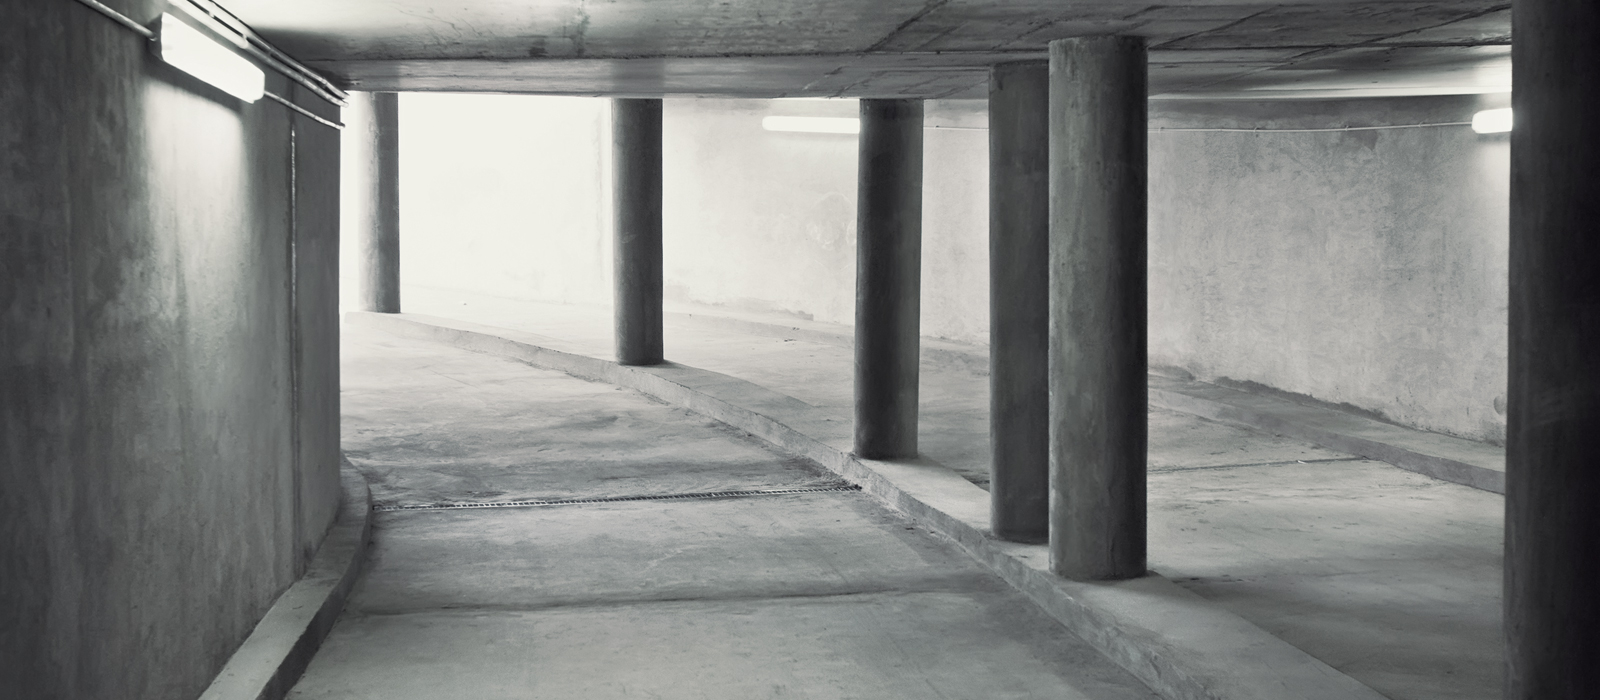 Parking Garage Hydrodemolition